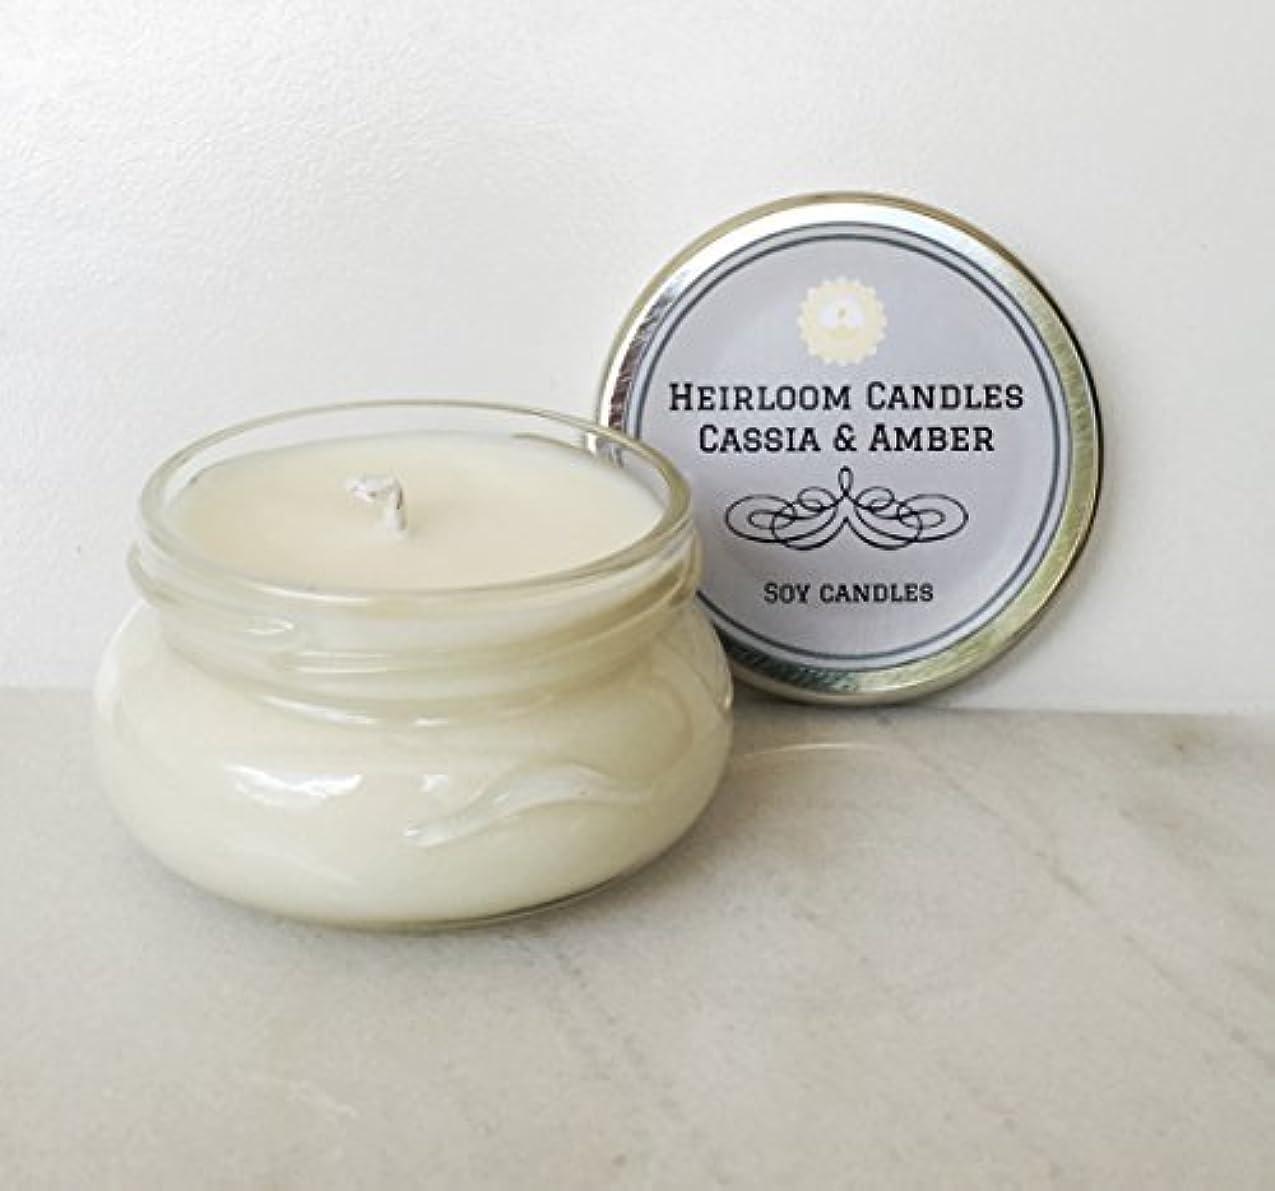 バケツバラエティ水を飲むCassia & Amber Scented Soy Candle - Handmade Patchouli Eucalyptus 6oz [並行輸入品]